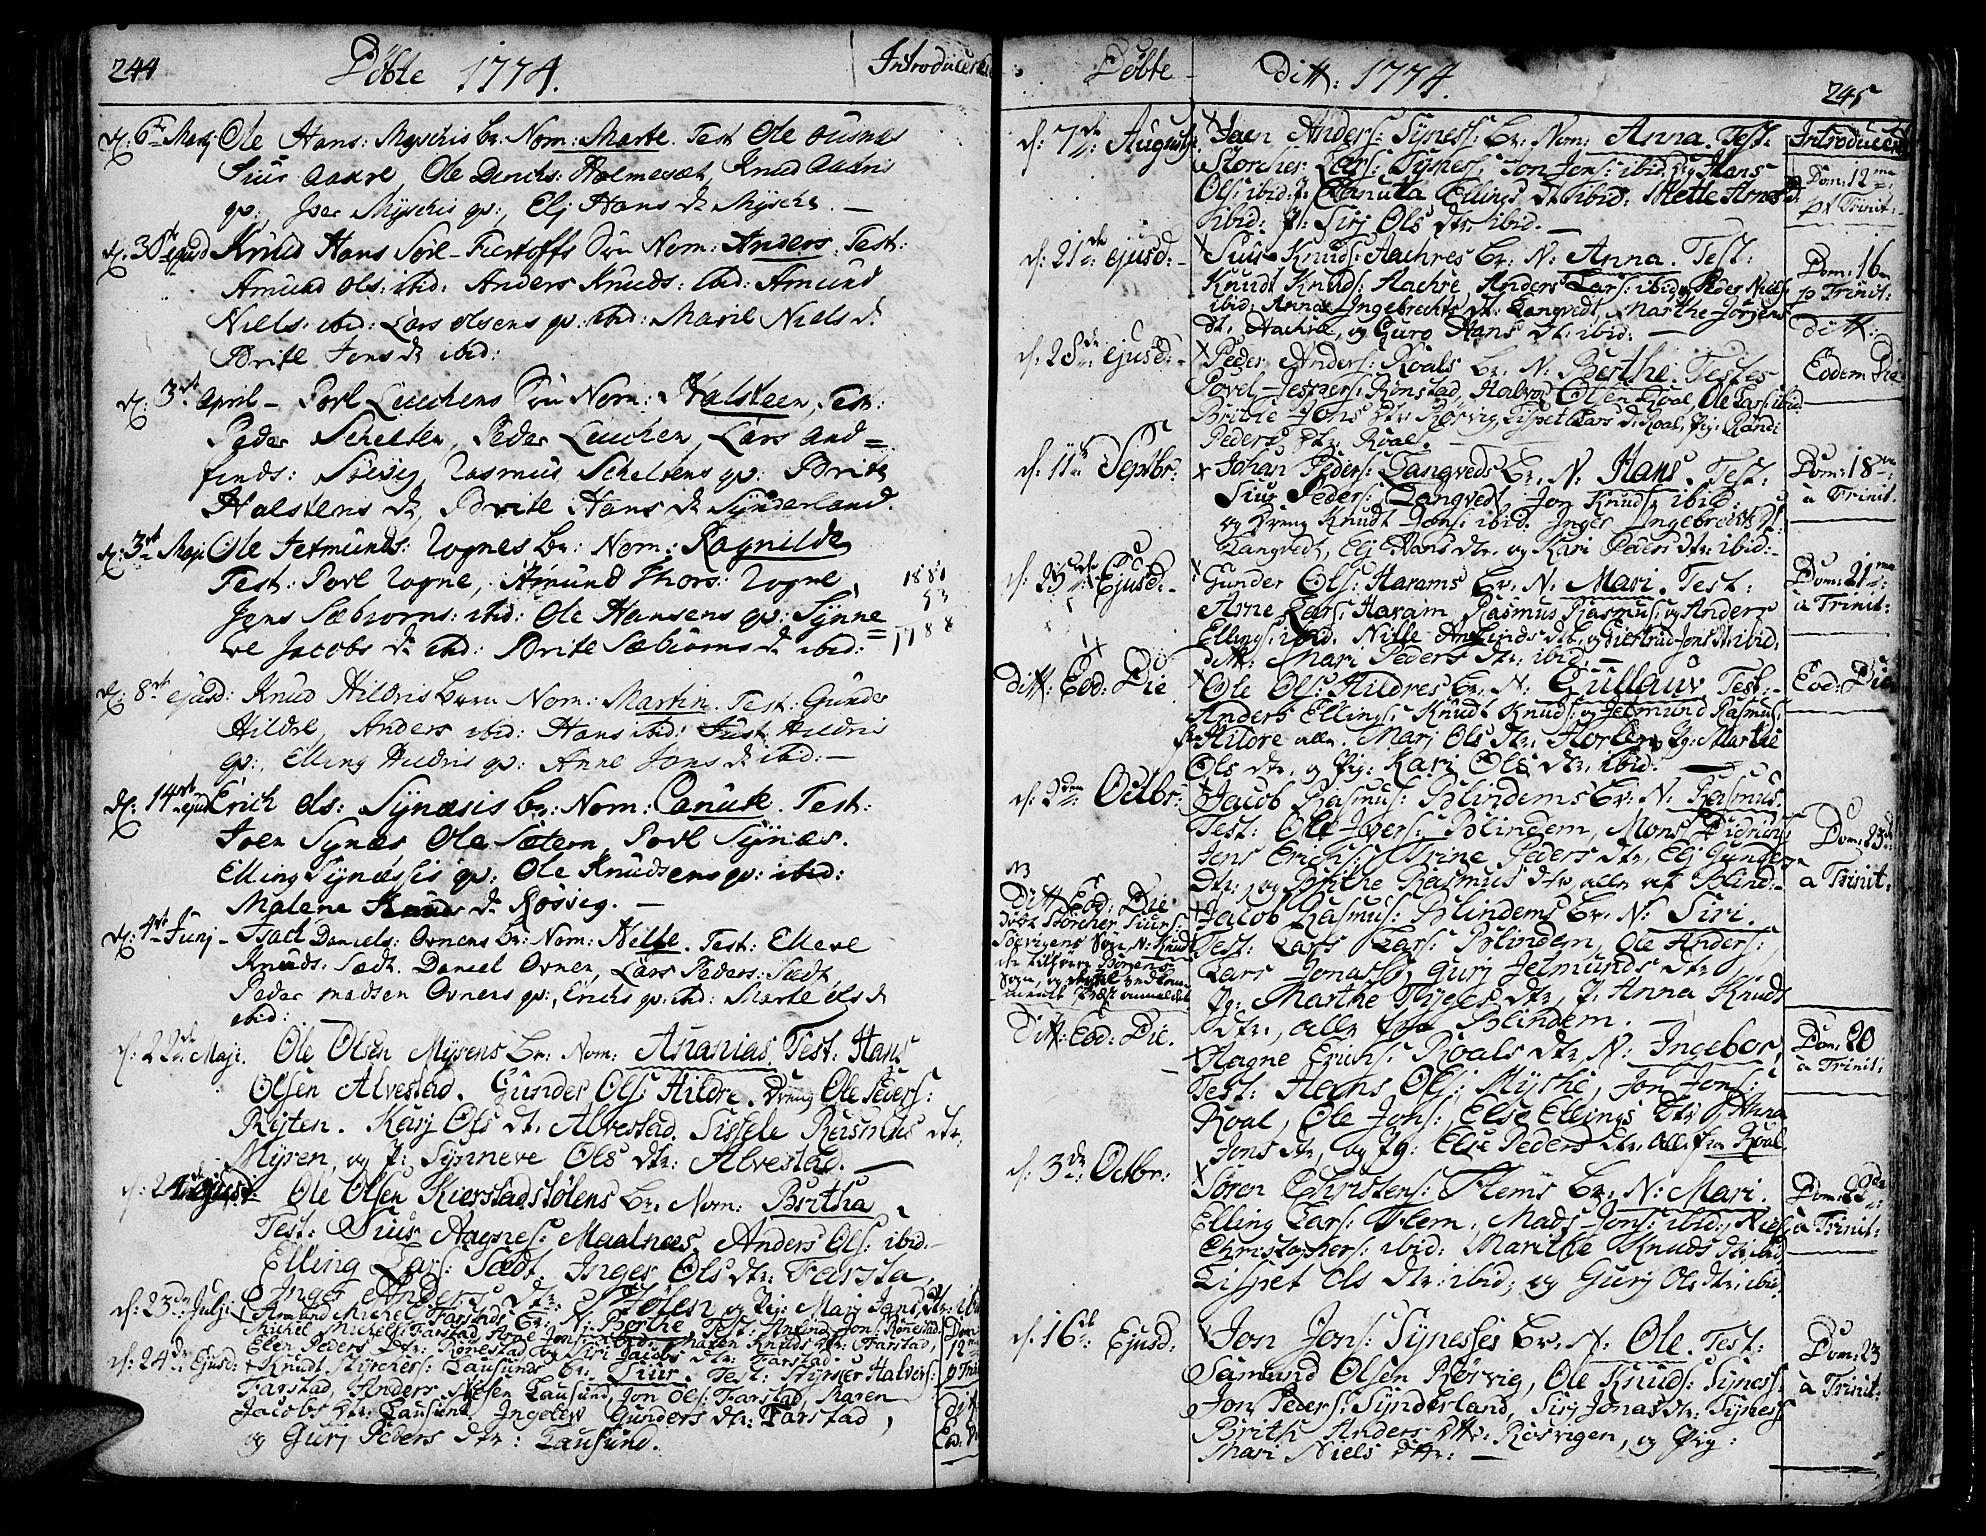 SAT, Ministerialprotokoller, klokkerbøker og fødselsregistre - Møre og Romsdal, 536/L0493: Ministerialbok nr. 536A02, 1739-1802, s. 244-245